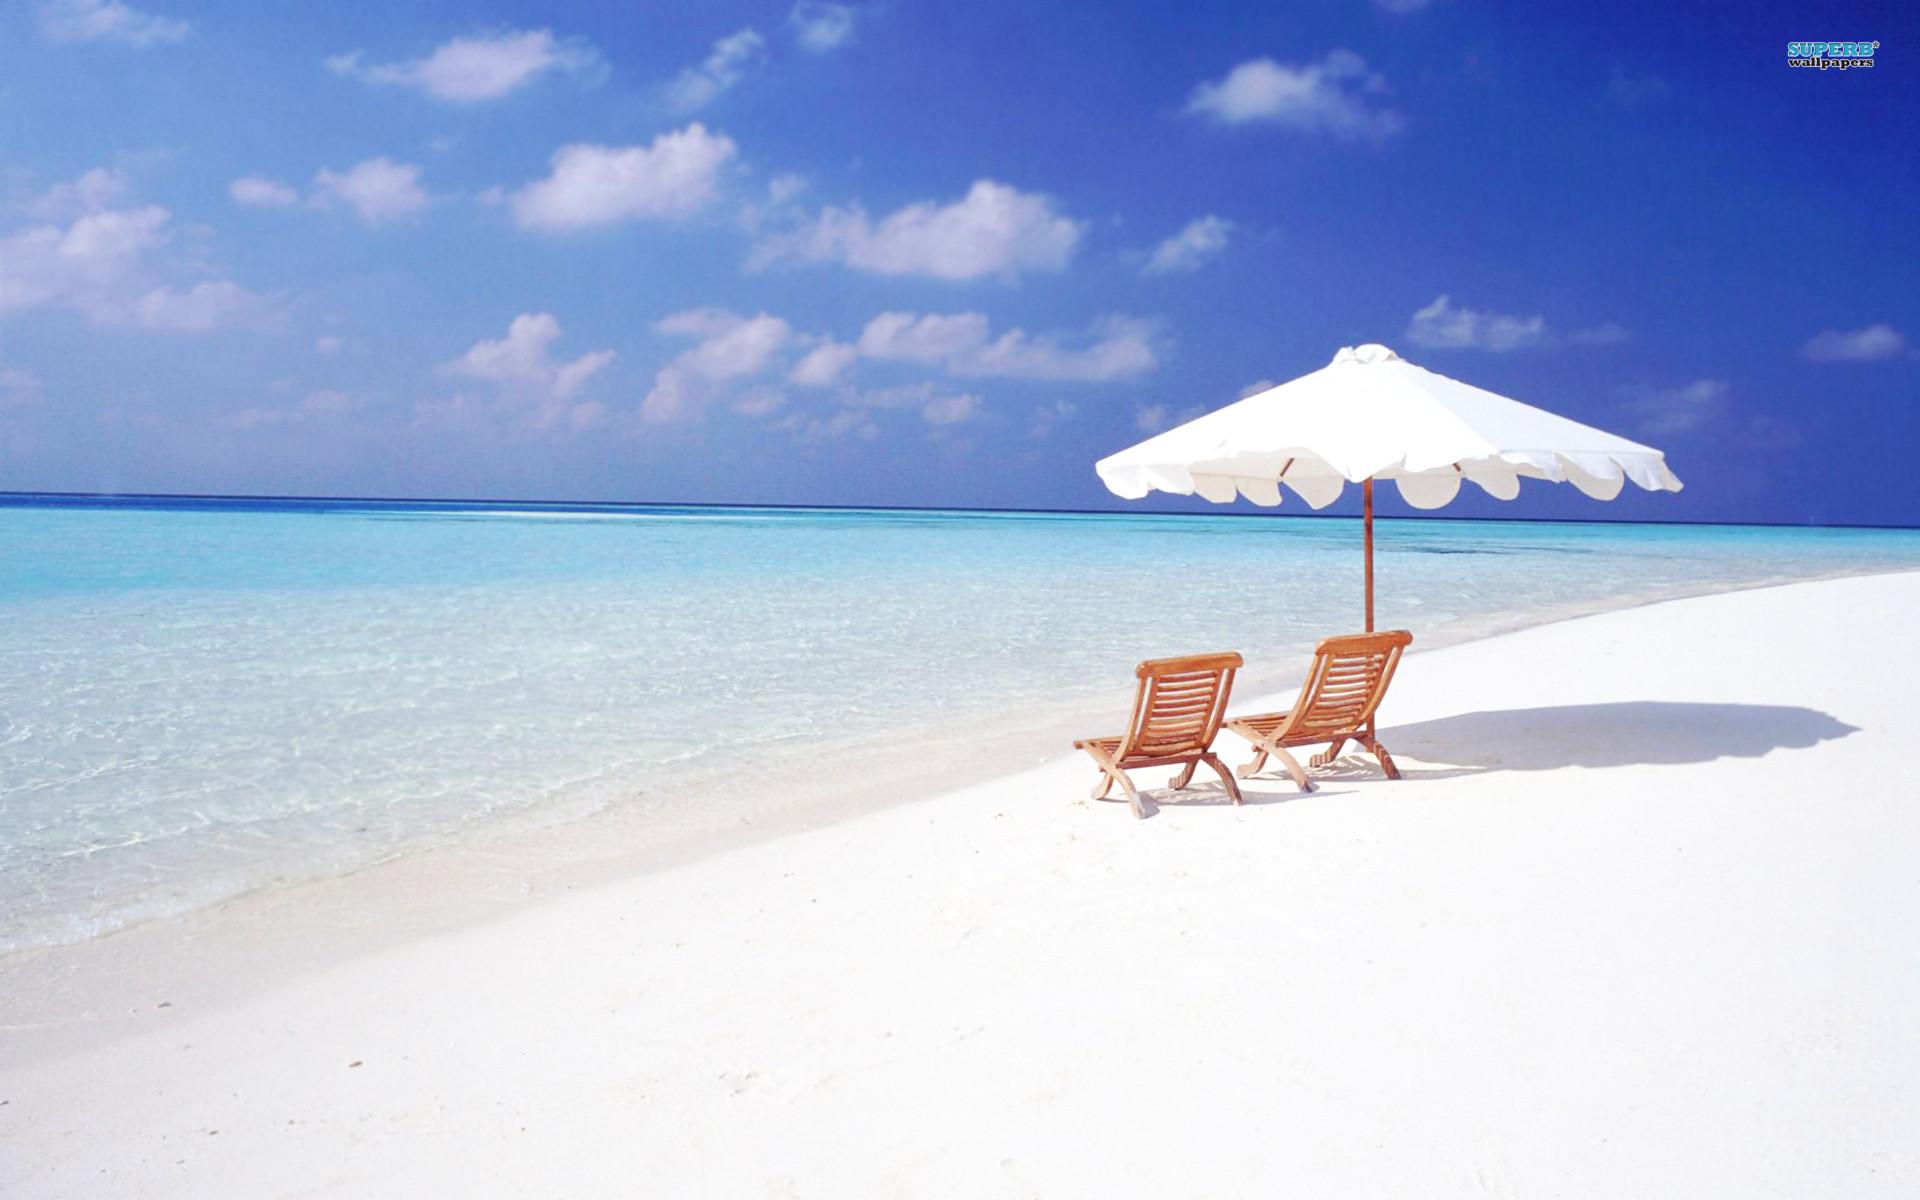 1920x1080 Choose your 1920x1080 Wallpaper beach, tropics, sea, sand, summer Beach HD .